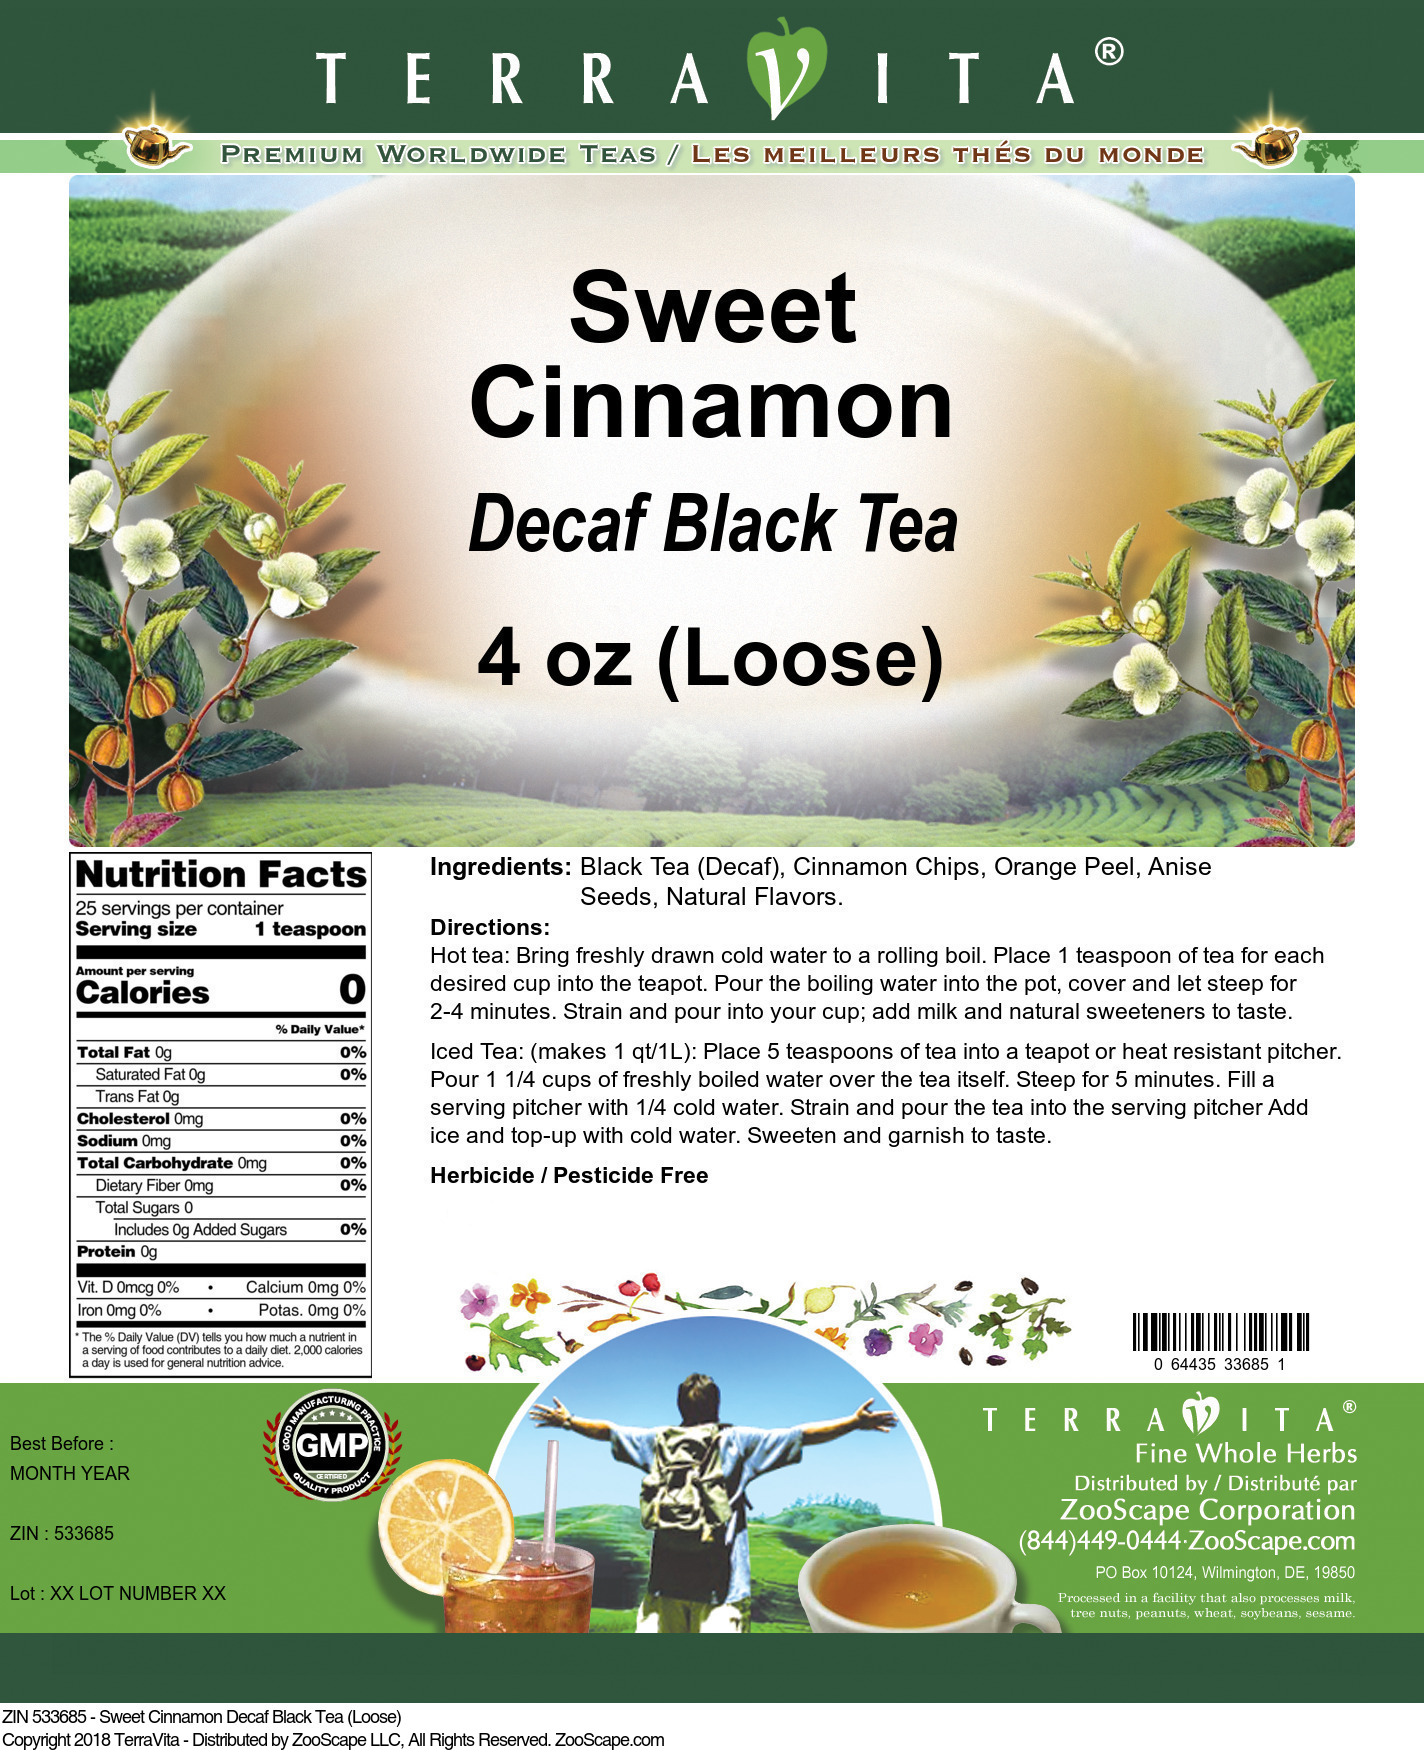 Sweet Cinnamon Decaf Black Tea (Loose)